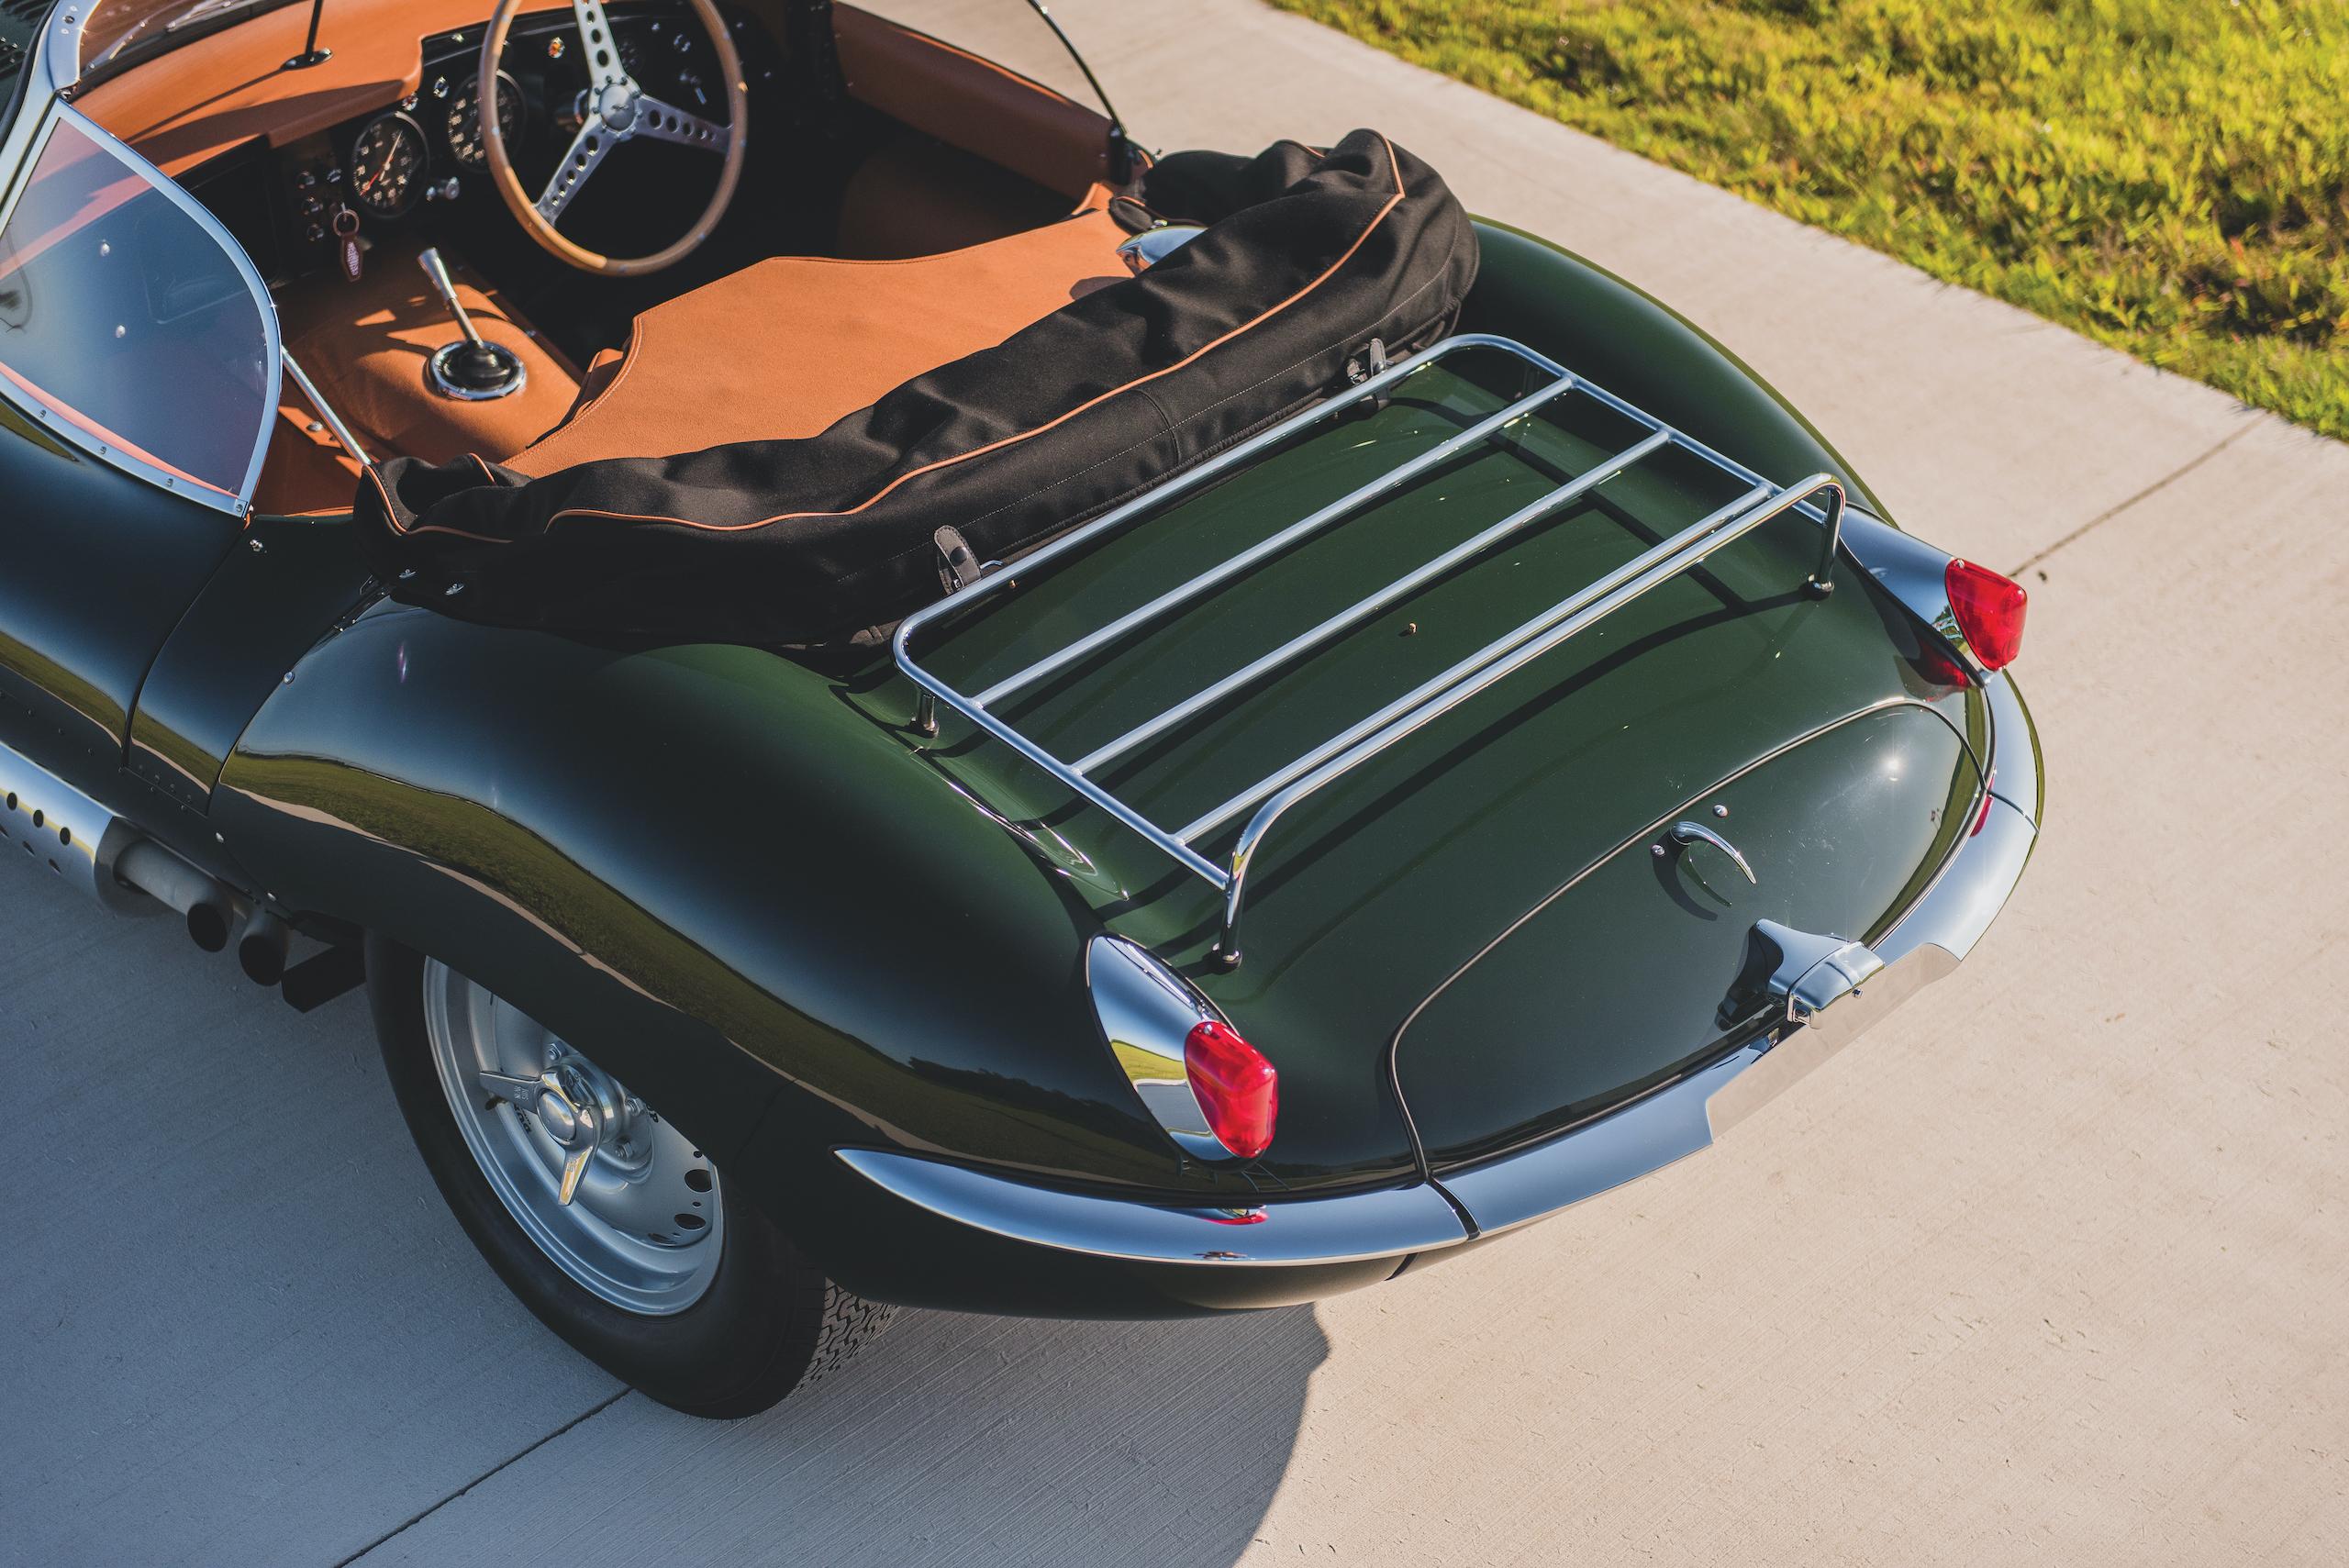 1957 Jag XKSS rear